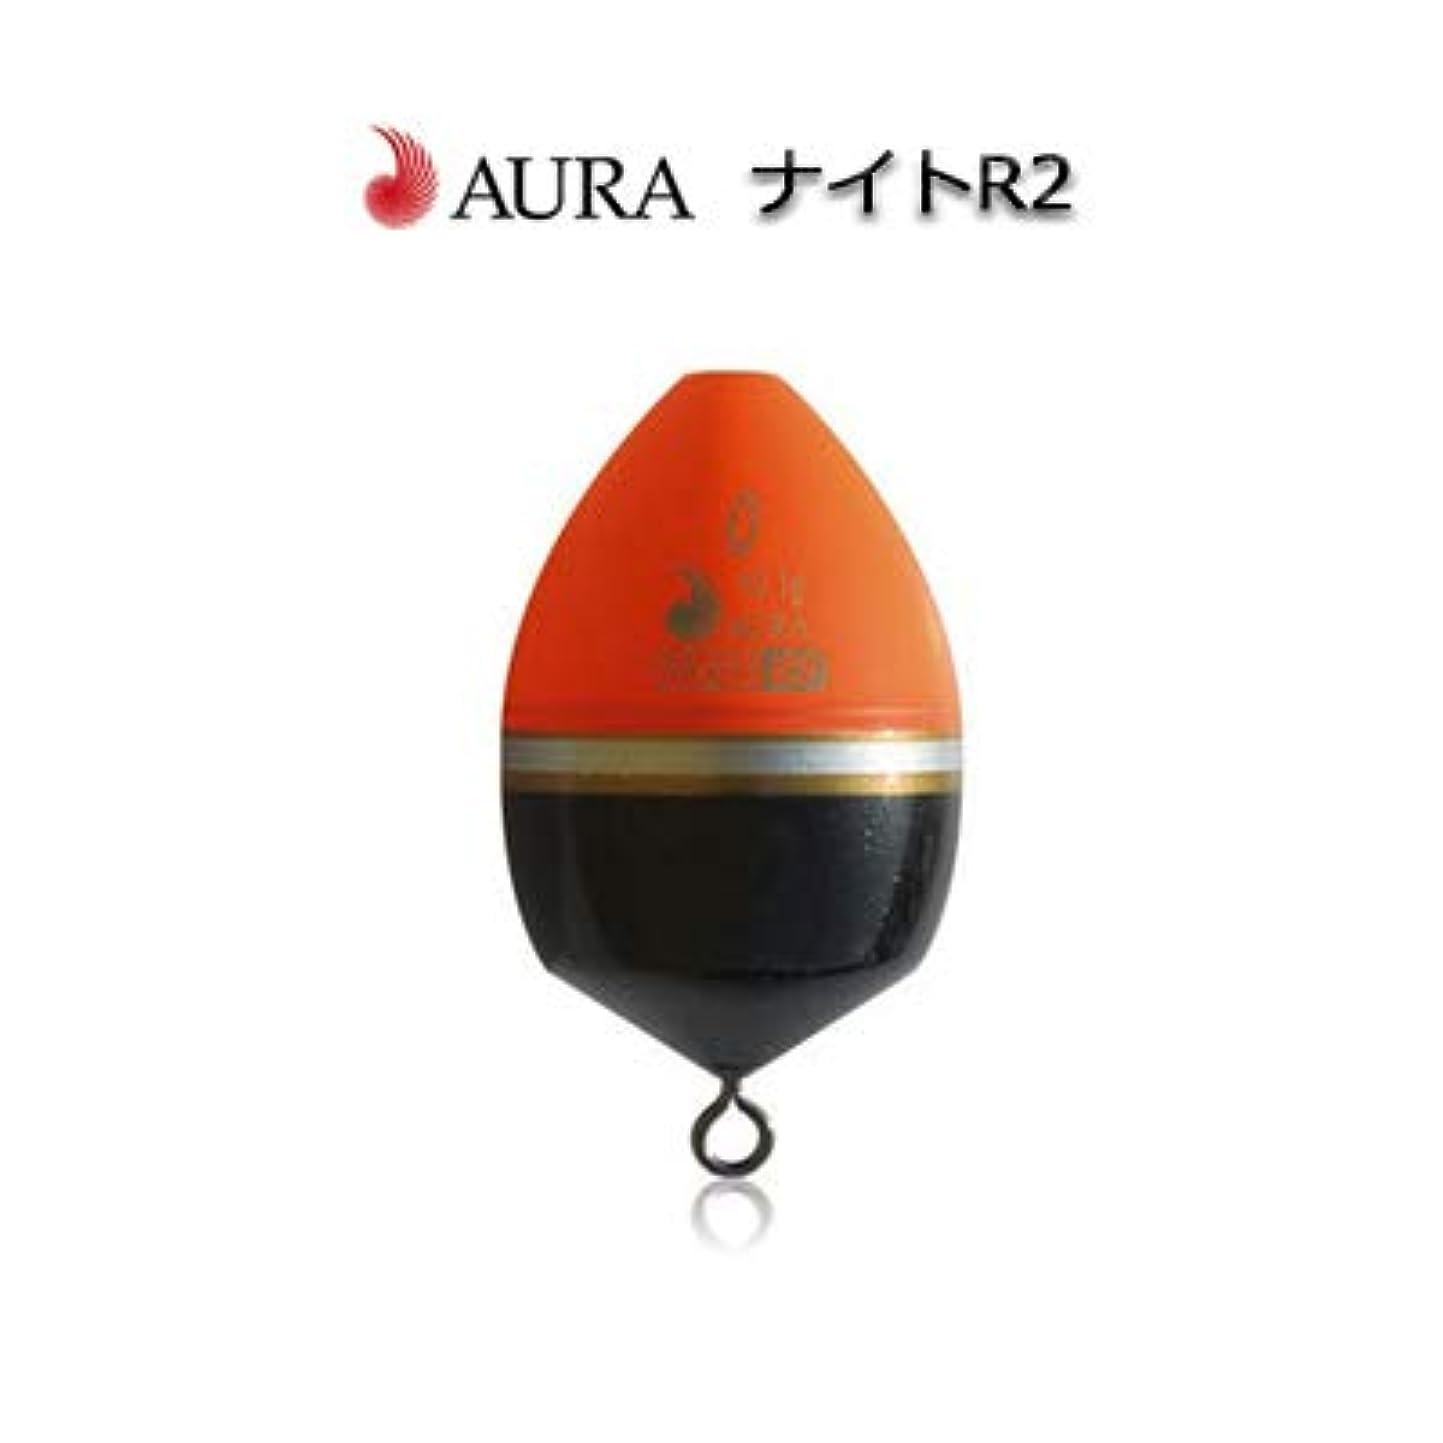 サッカーエミュレーション後方AURA(アウラ) ナイトR2 オレンジ カン付きウキ